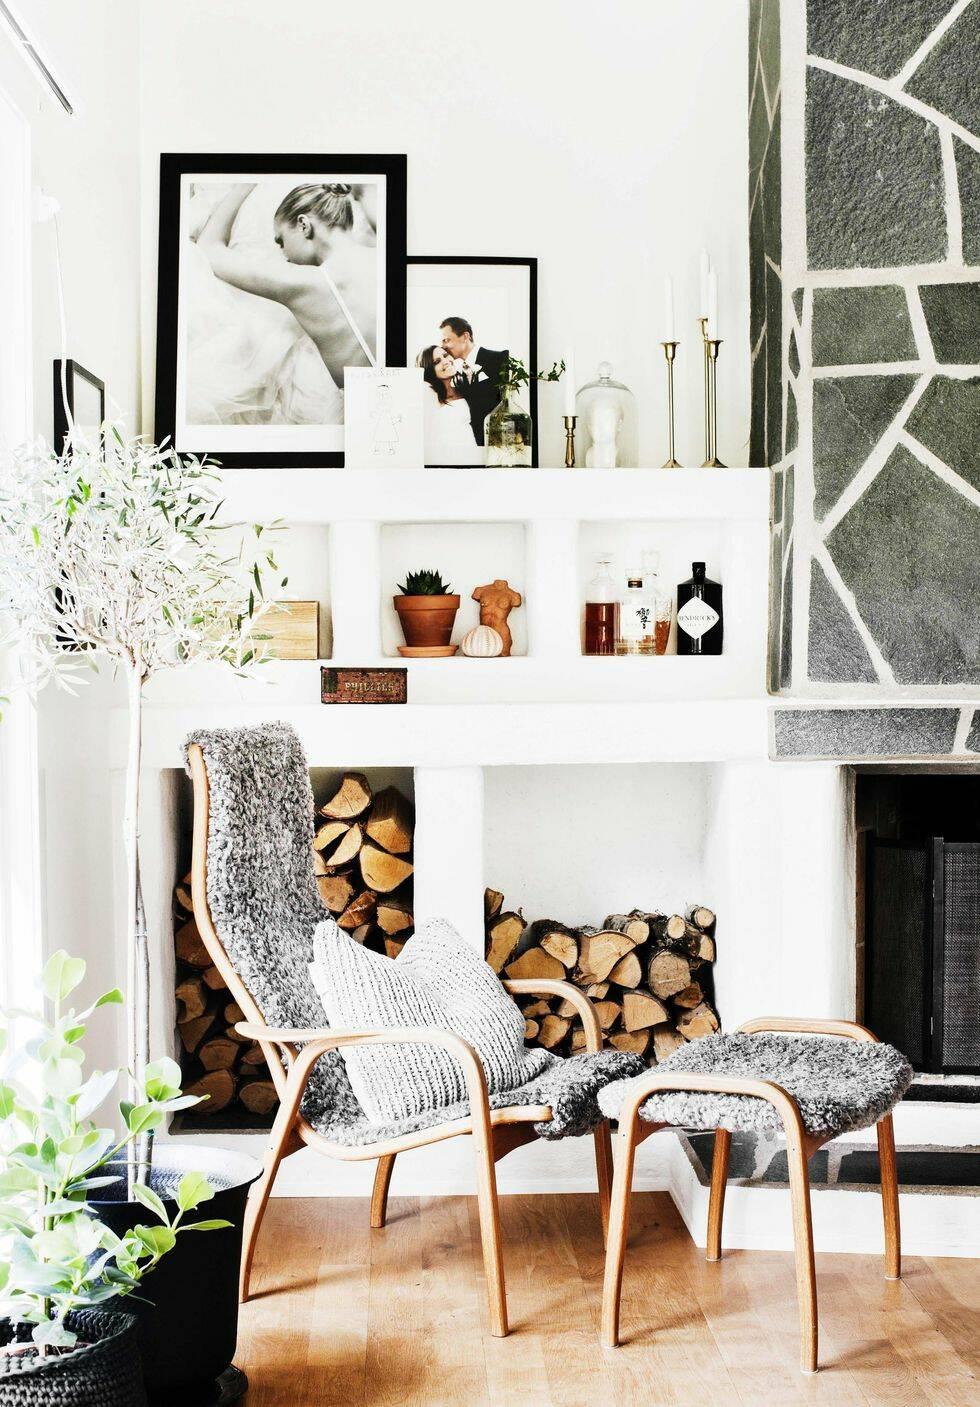 Veckans hem: Klassisk funkisstil att bo och leva i